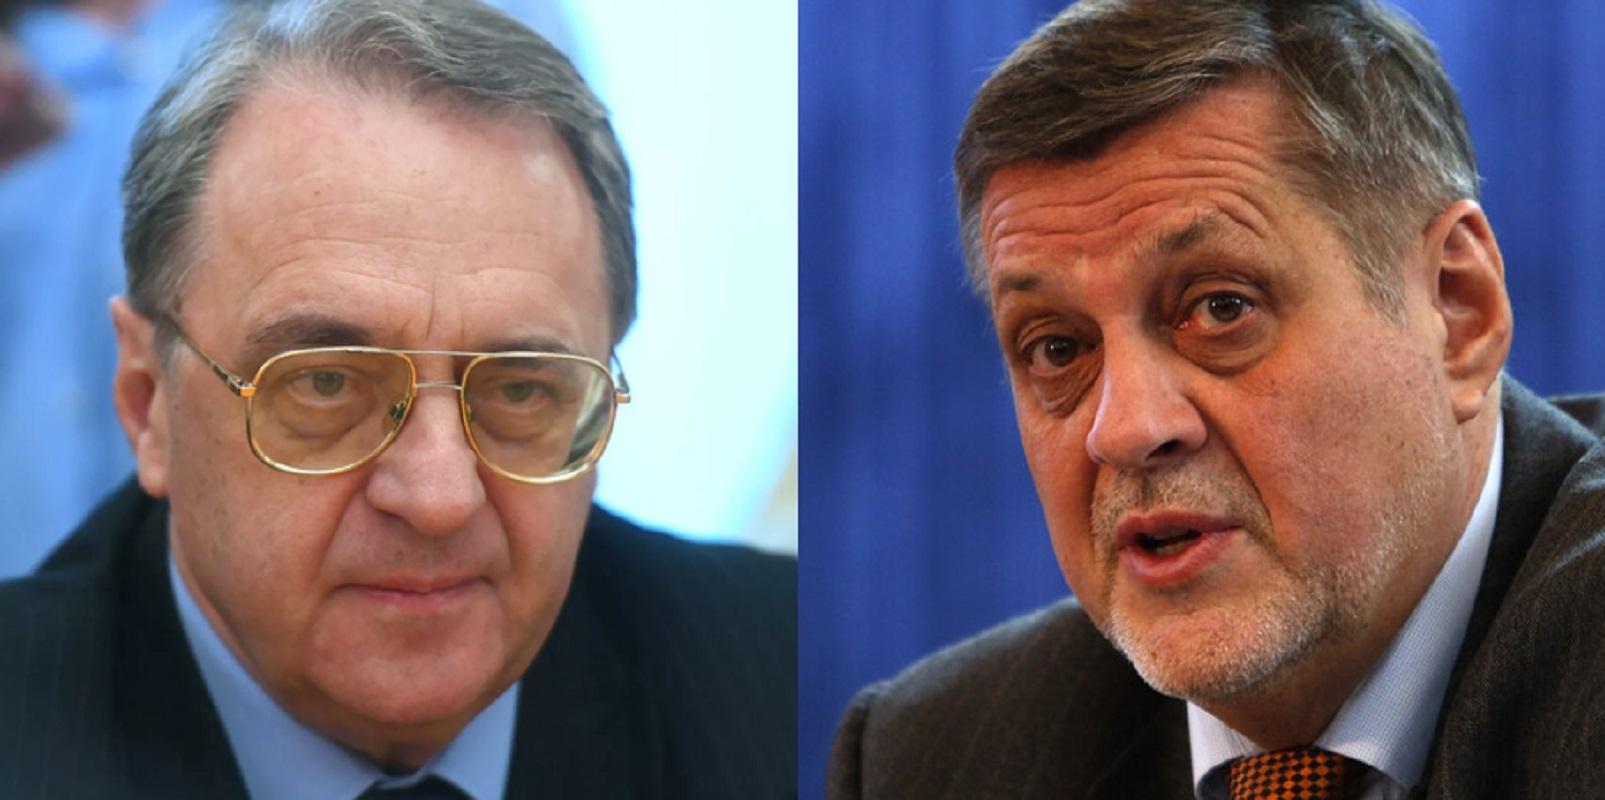 بوغدانوف يبحث مع كوبيش خارطة الطريق للتسوية في ليبيا